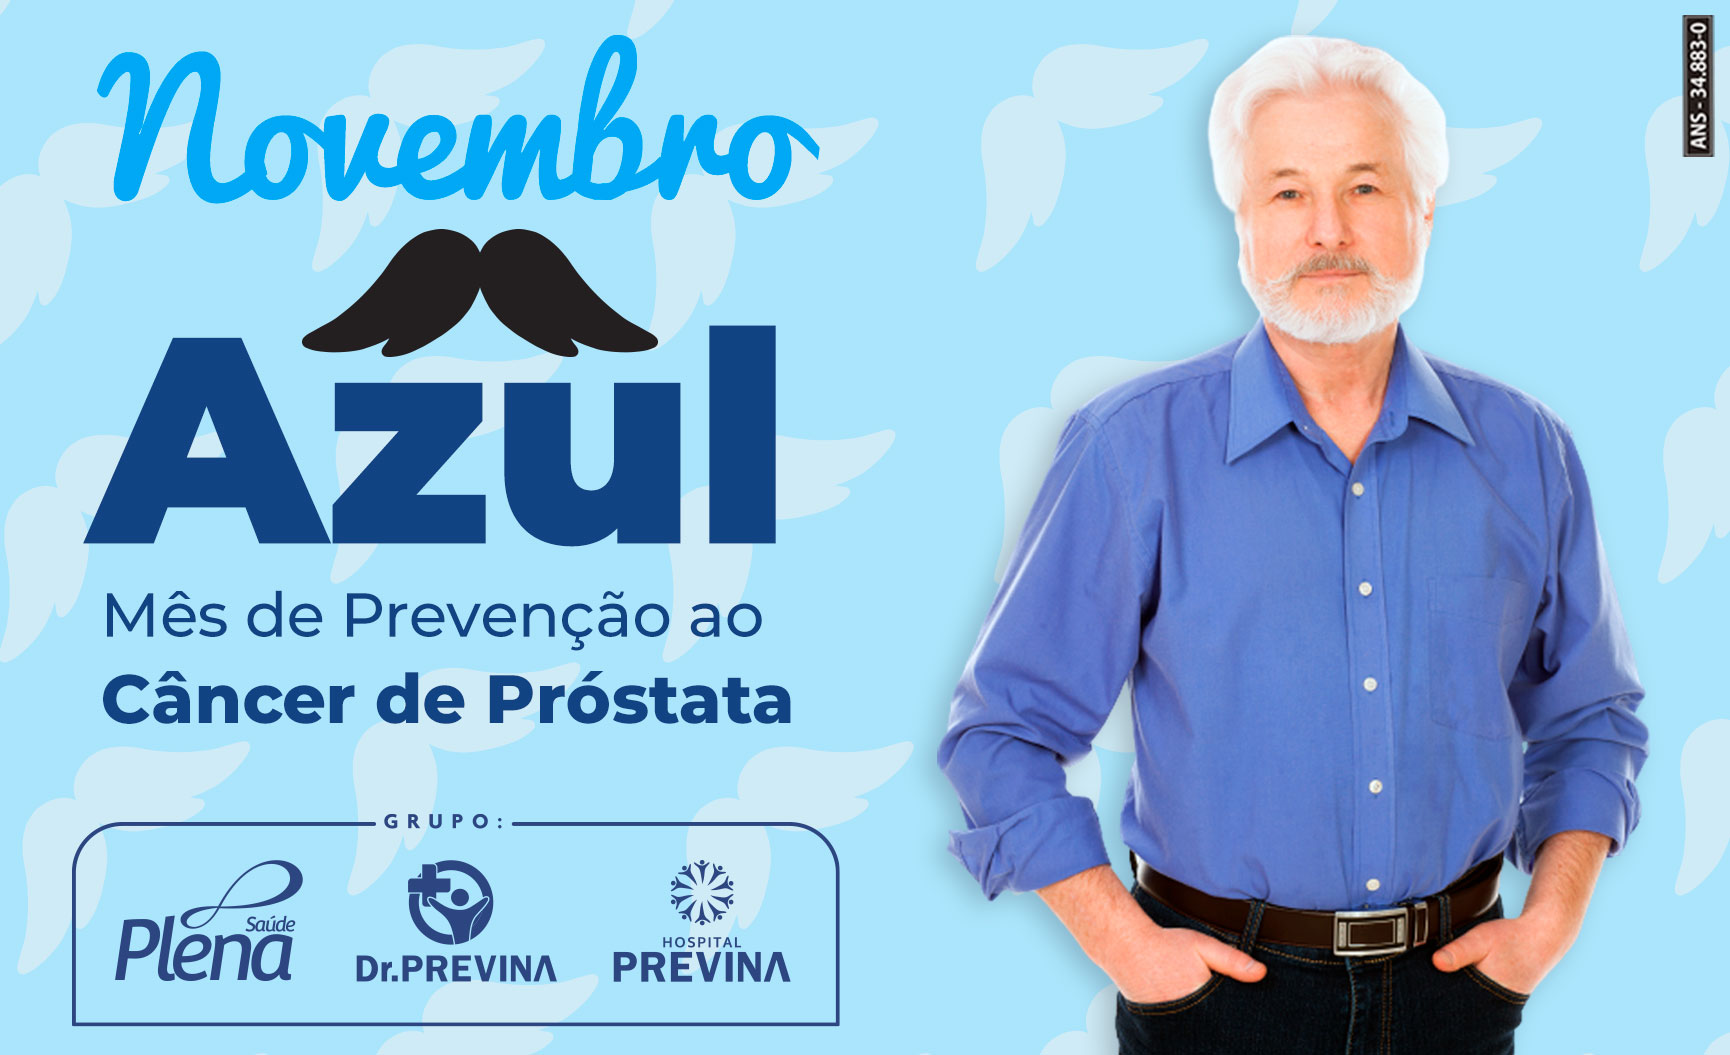 Novembro Azul – Mês de Prevenção ao Câncer de Próstata